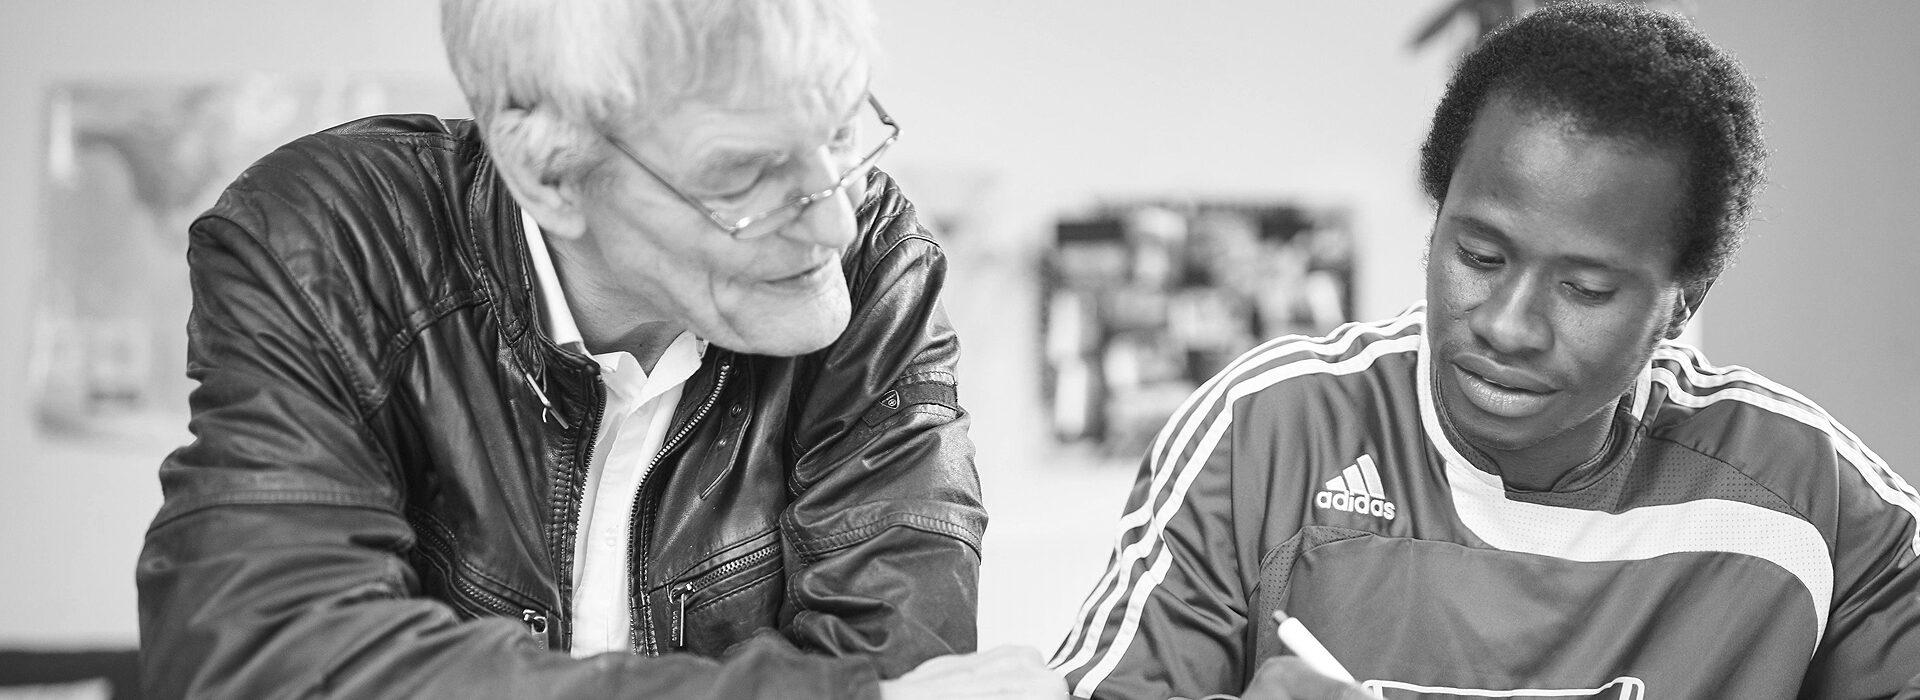 Foto: älterer Mann und Junge beim Lernen